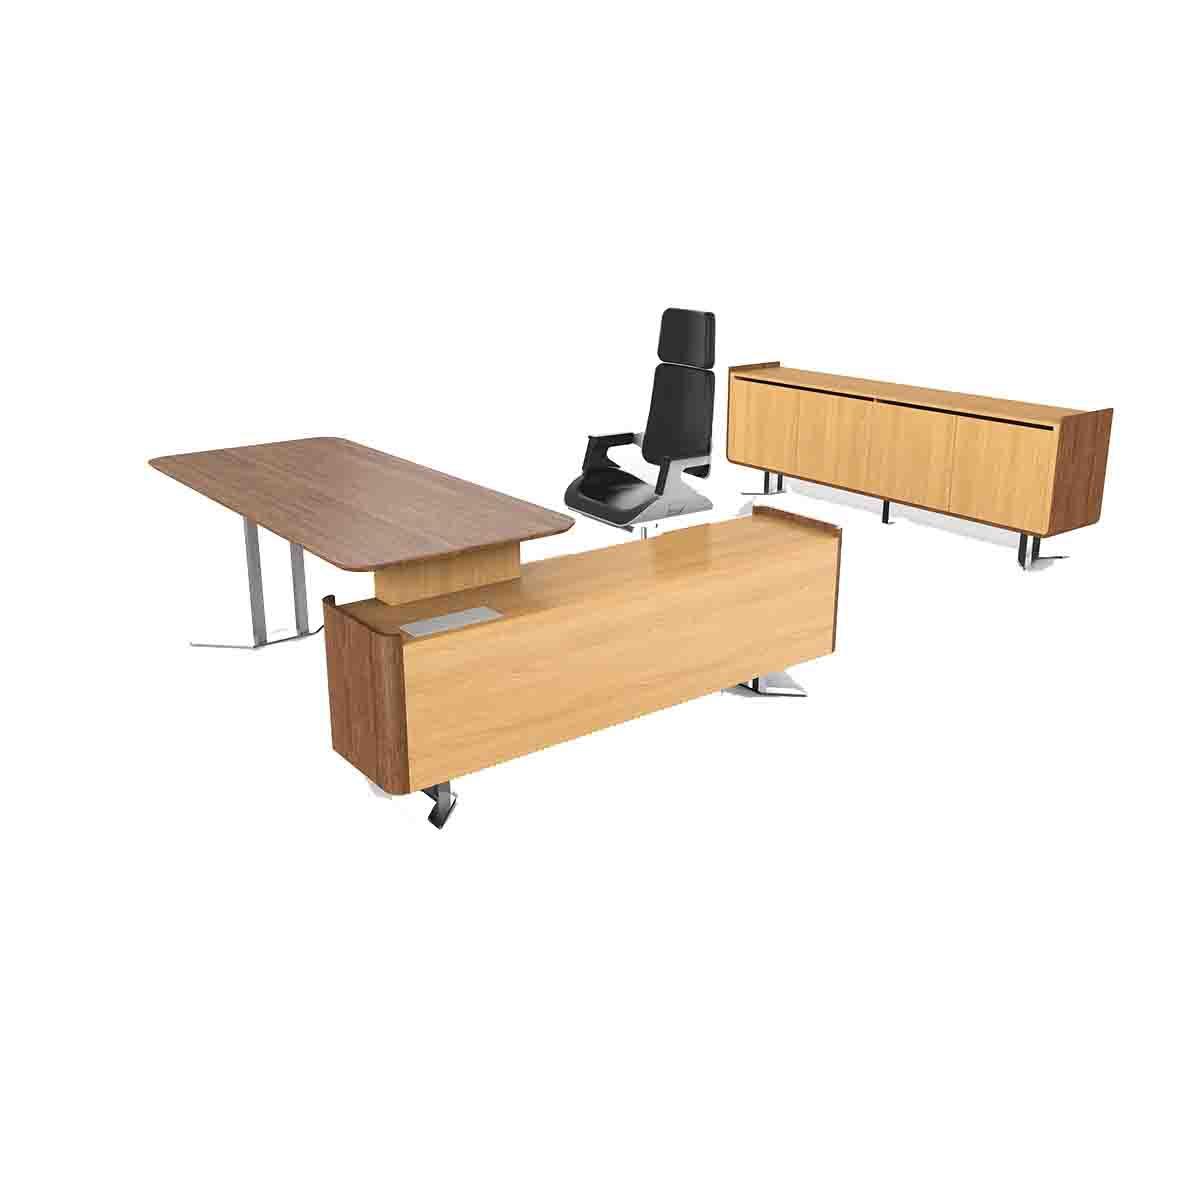 双十一期间,你买的办公家具优惠了吗?